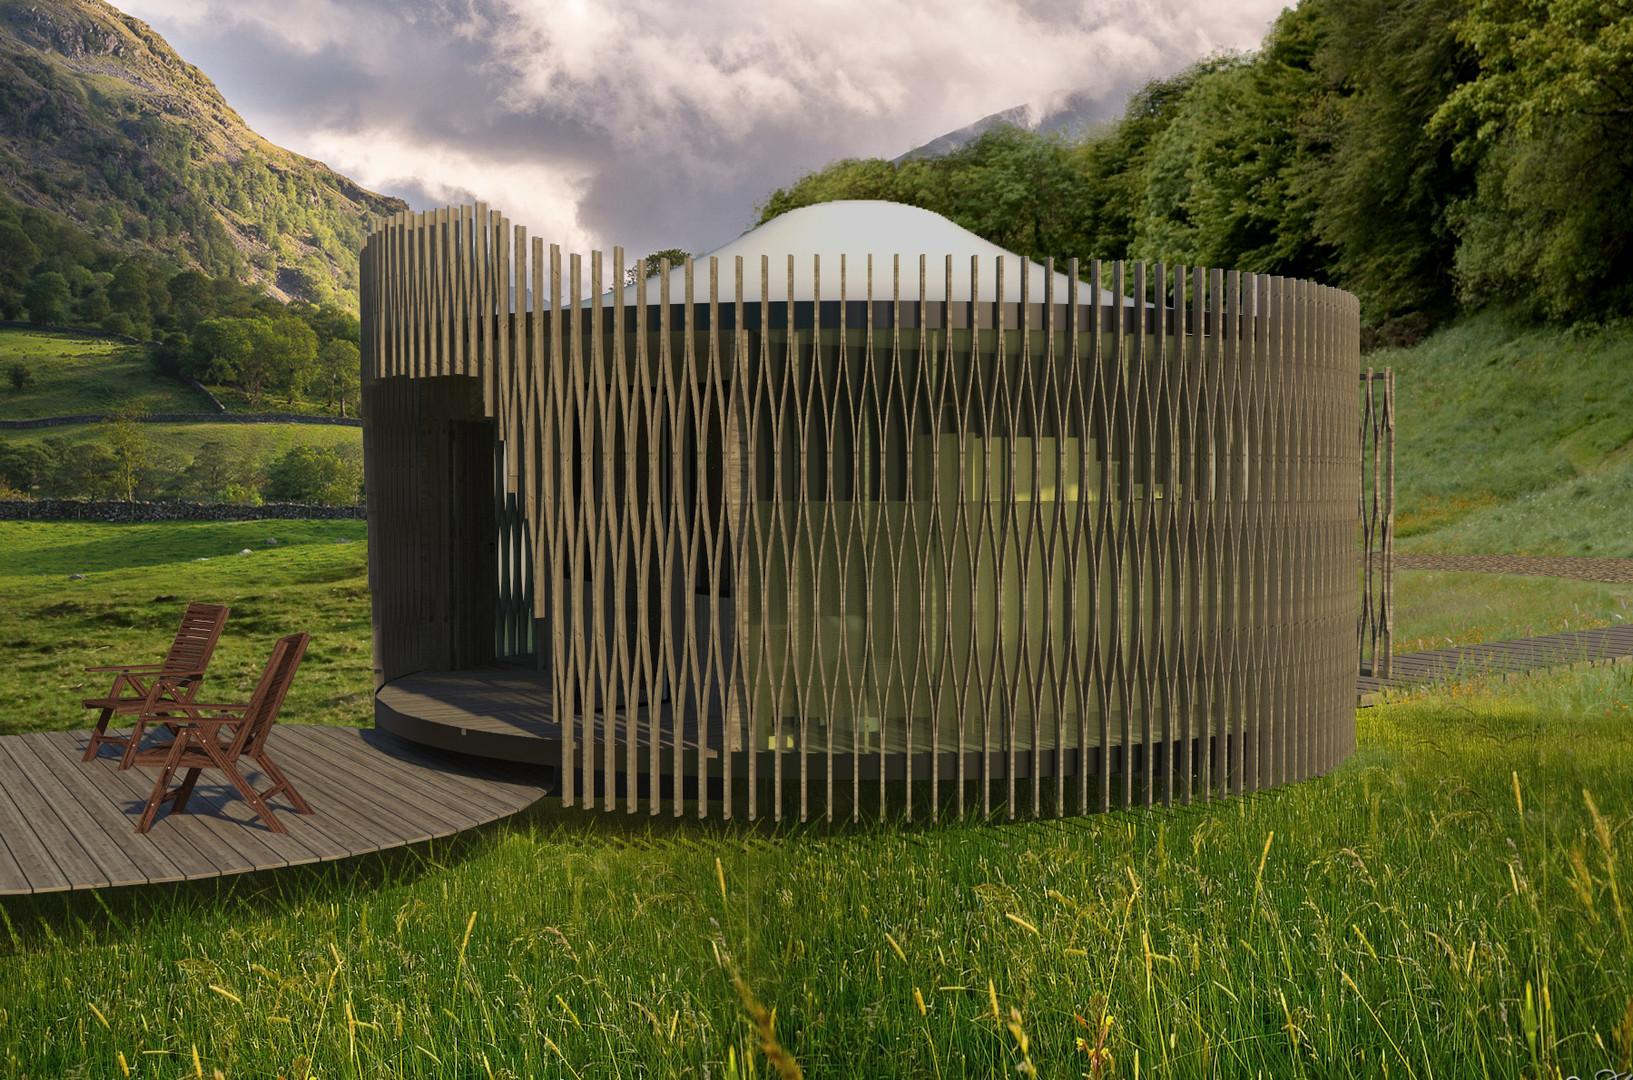 Helygen pod in Welsh landscape